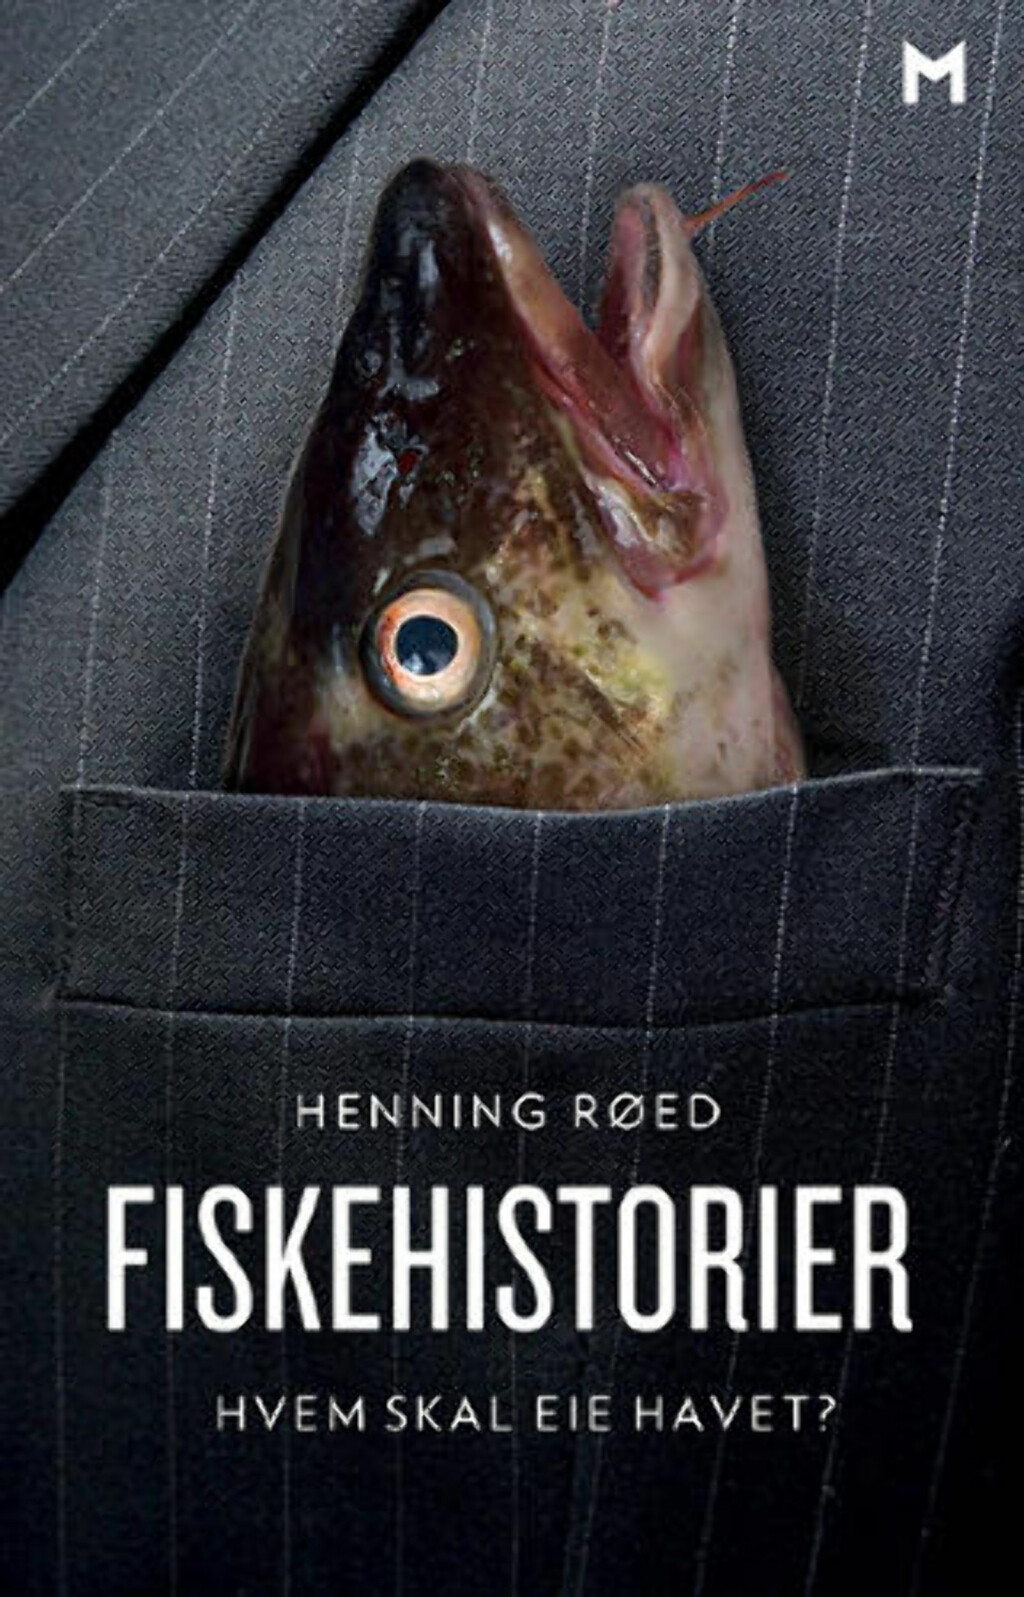 FISKEKRITIKK: Boka «Fiskehistorier» som slippes i dag, er sterkt kritisk til det forfatteren mener er en storstilt snikprivatisering av en norsk fellesressrus: fisken. Foto: Johanne Hjorthol / Manifest forlag